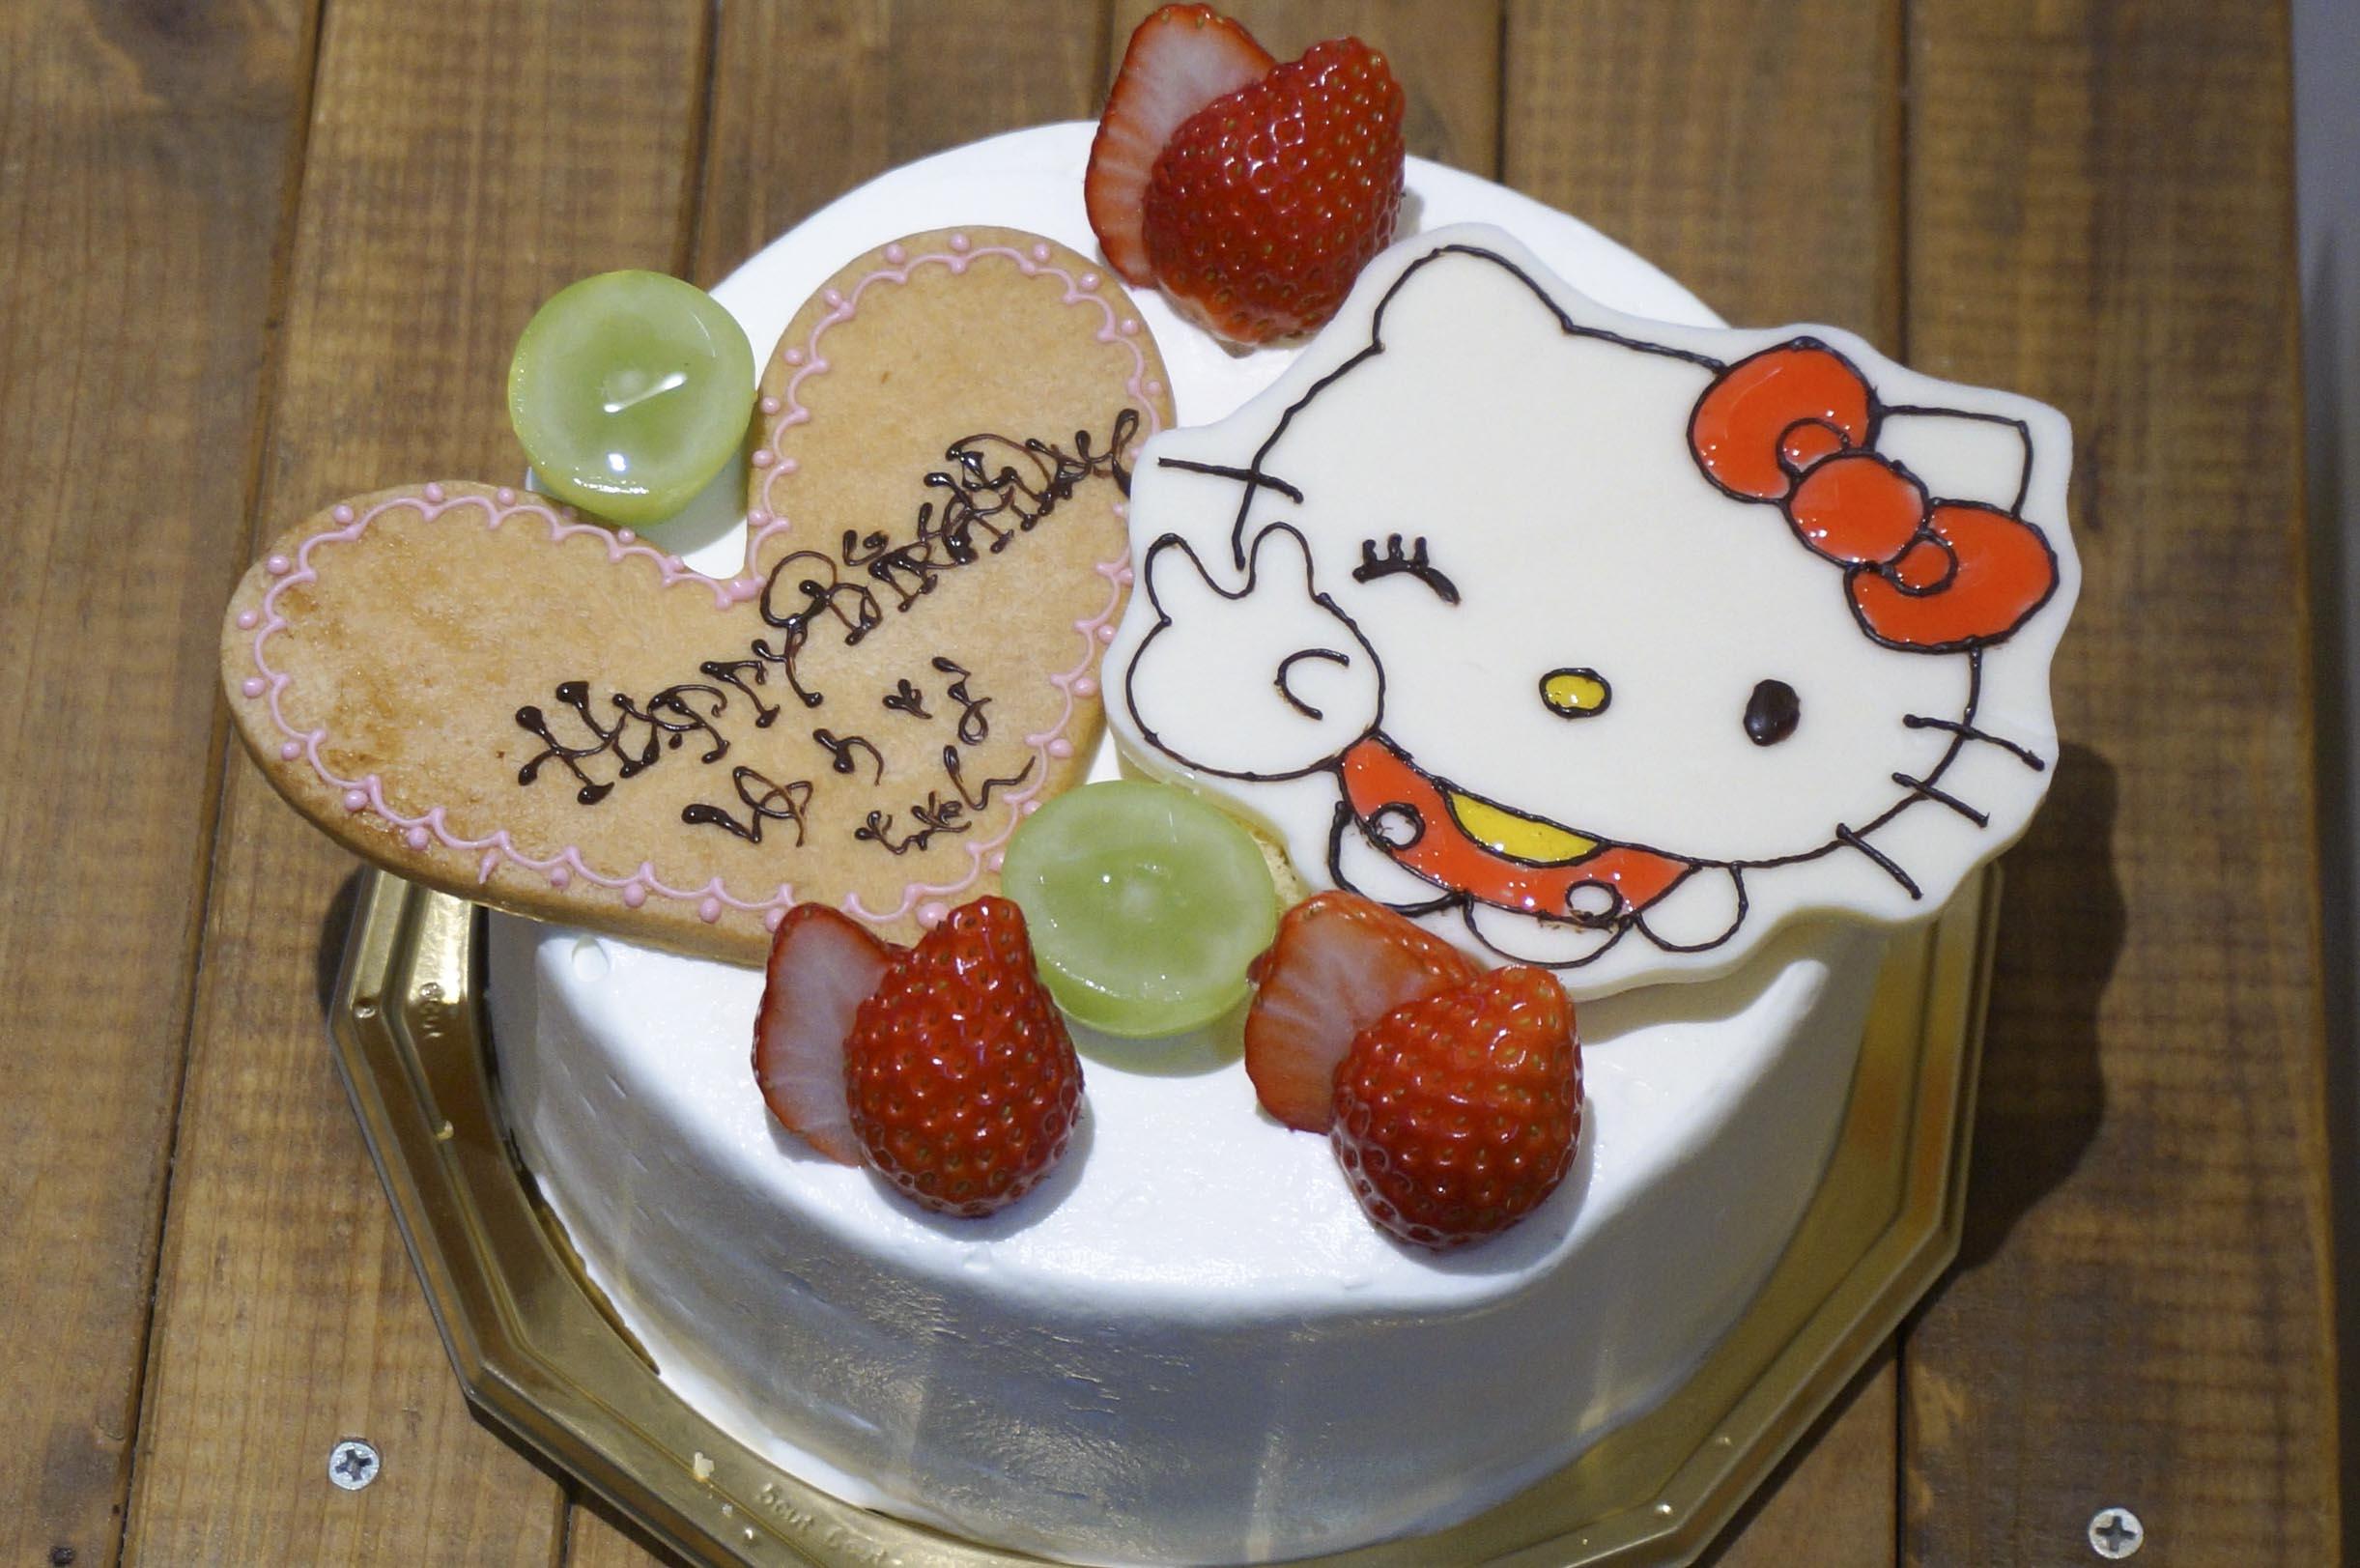 バースデーケーキ キティー